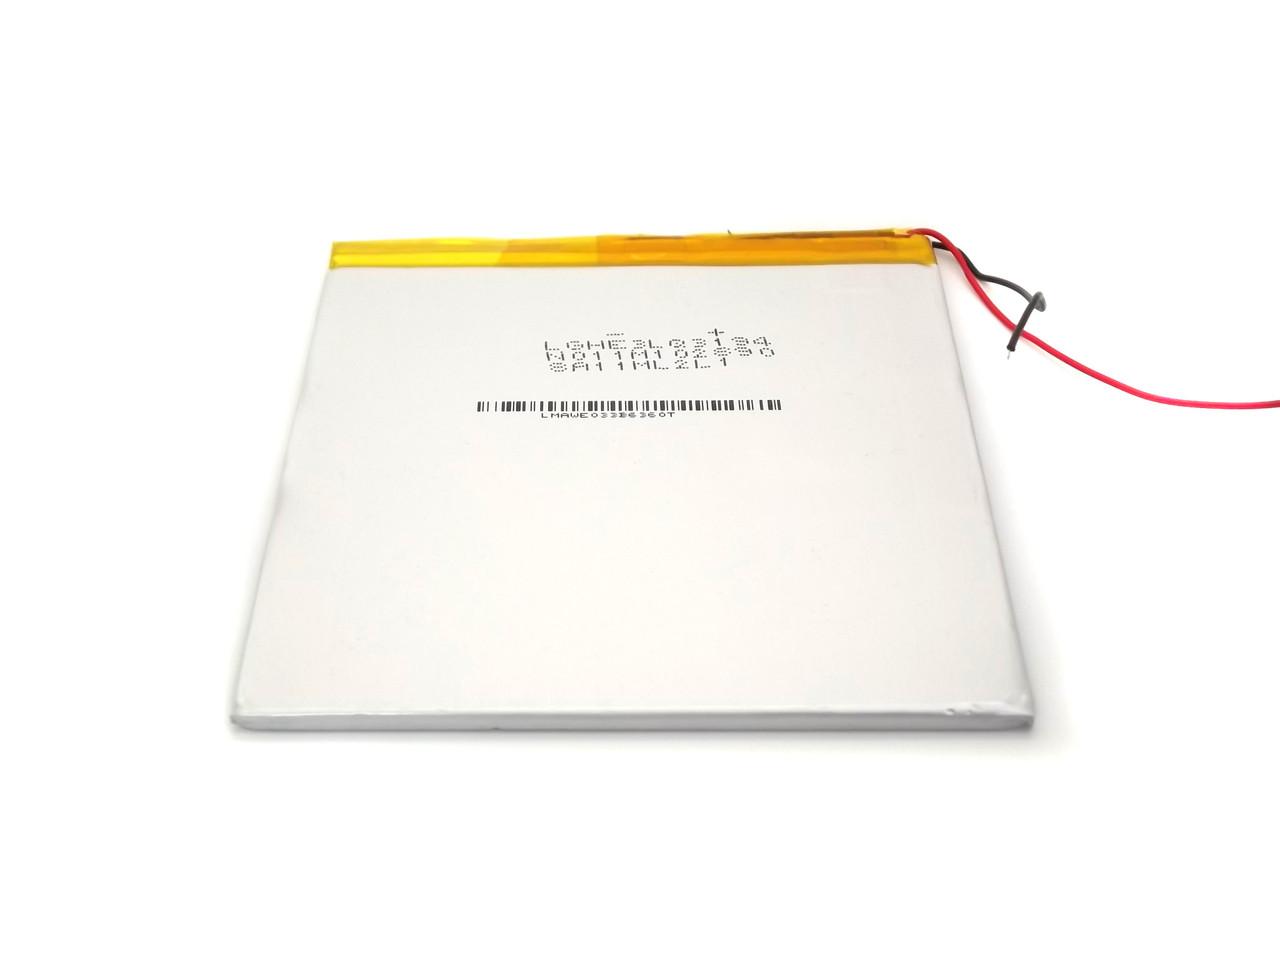 Аккумулятор 4500 мАч 3.7В 100*100*35 для планшетов